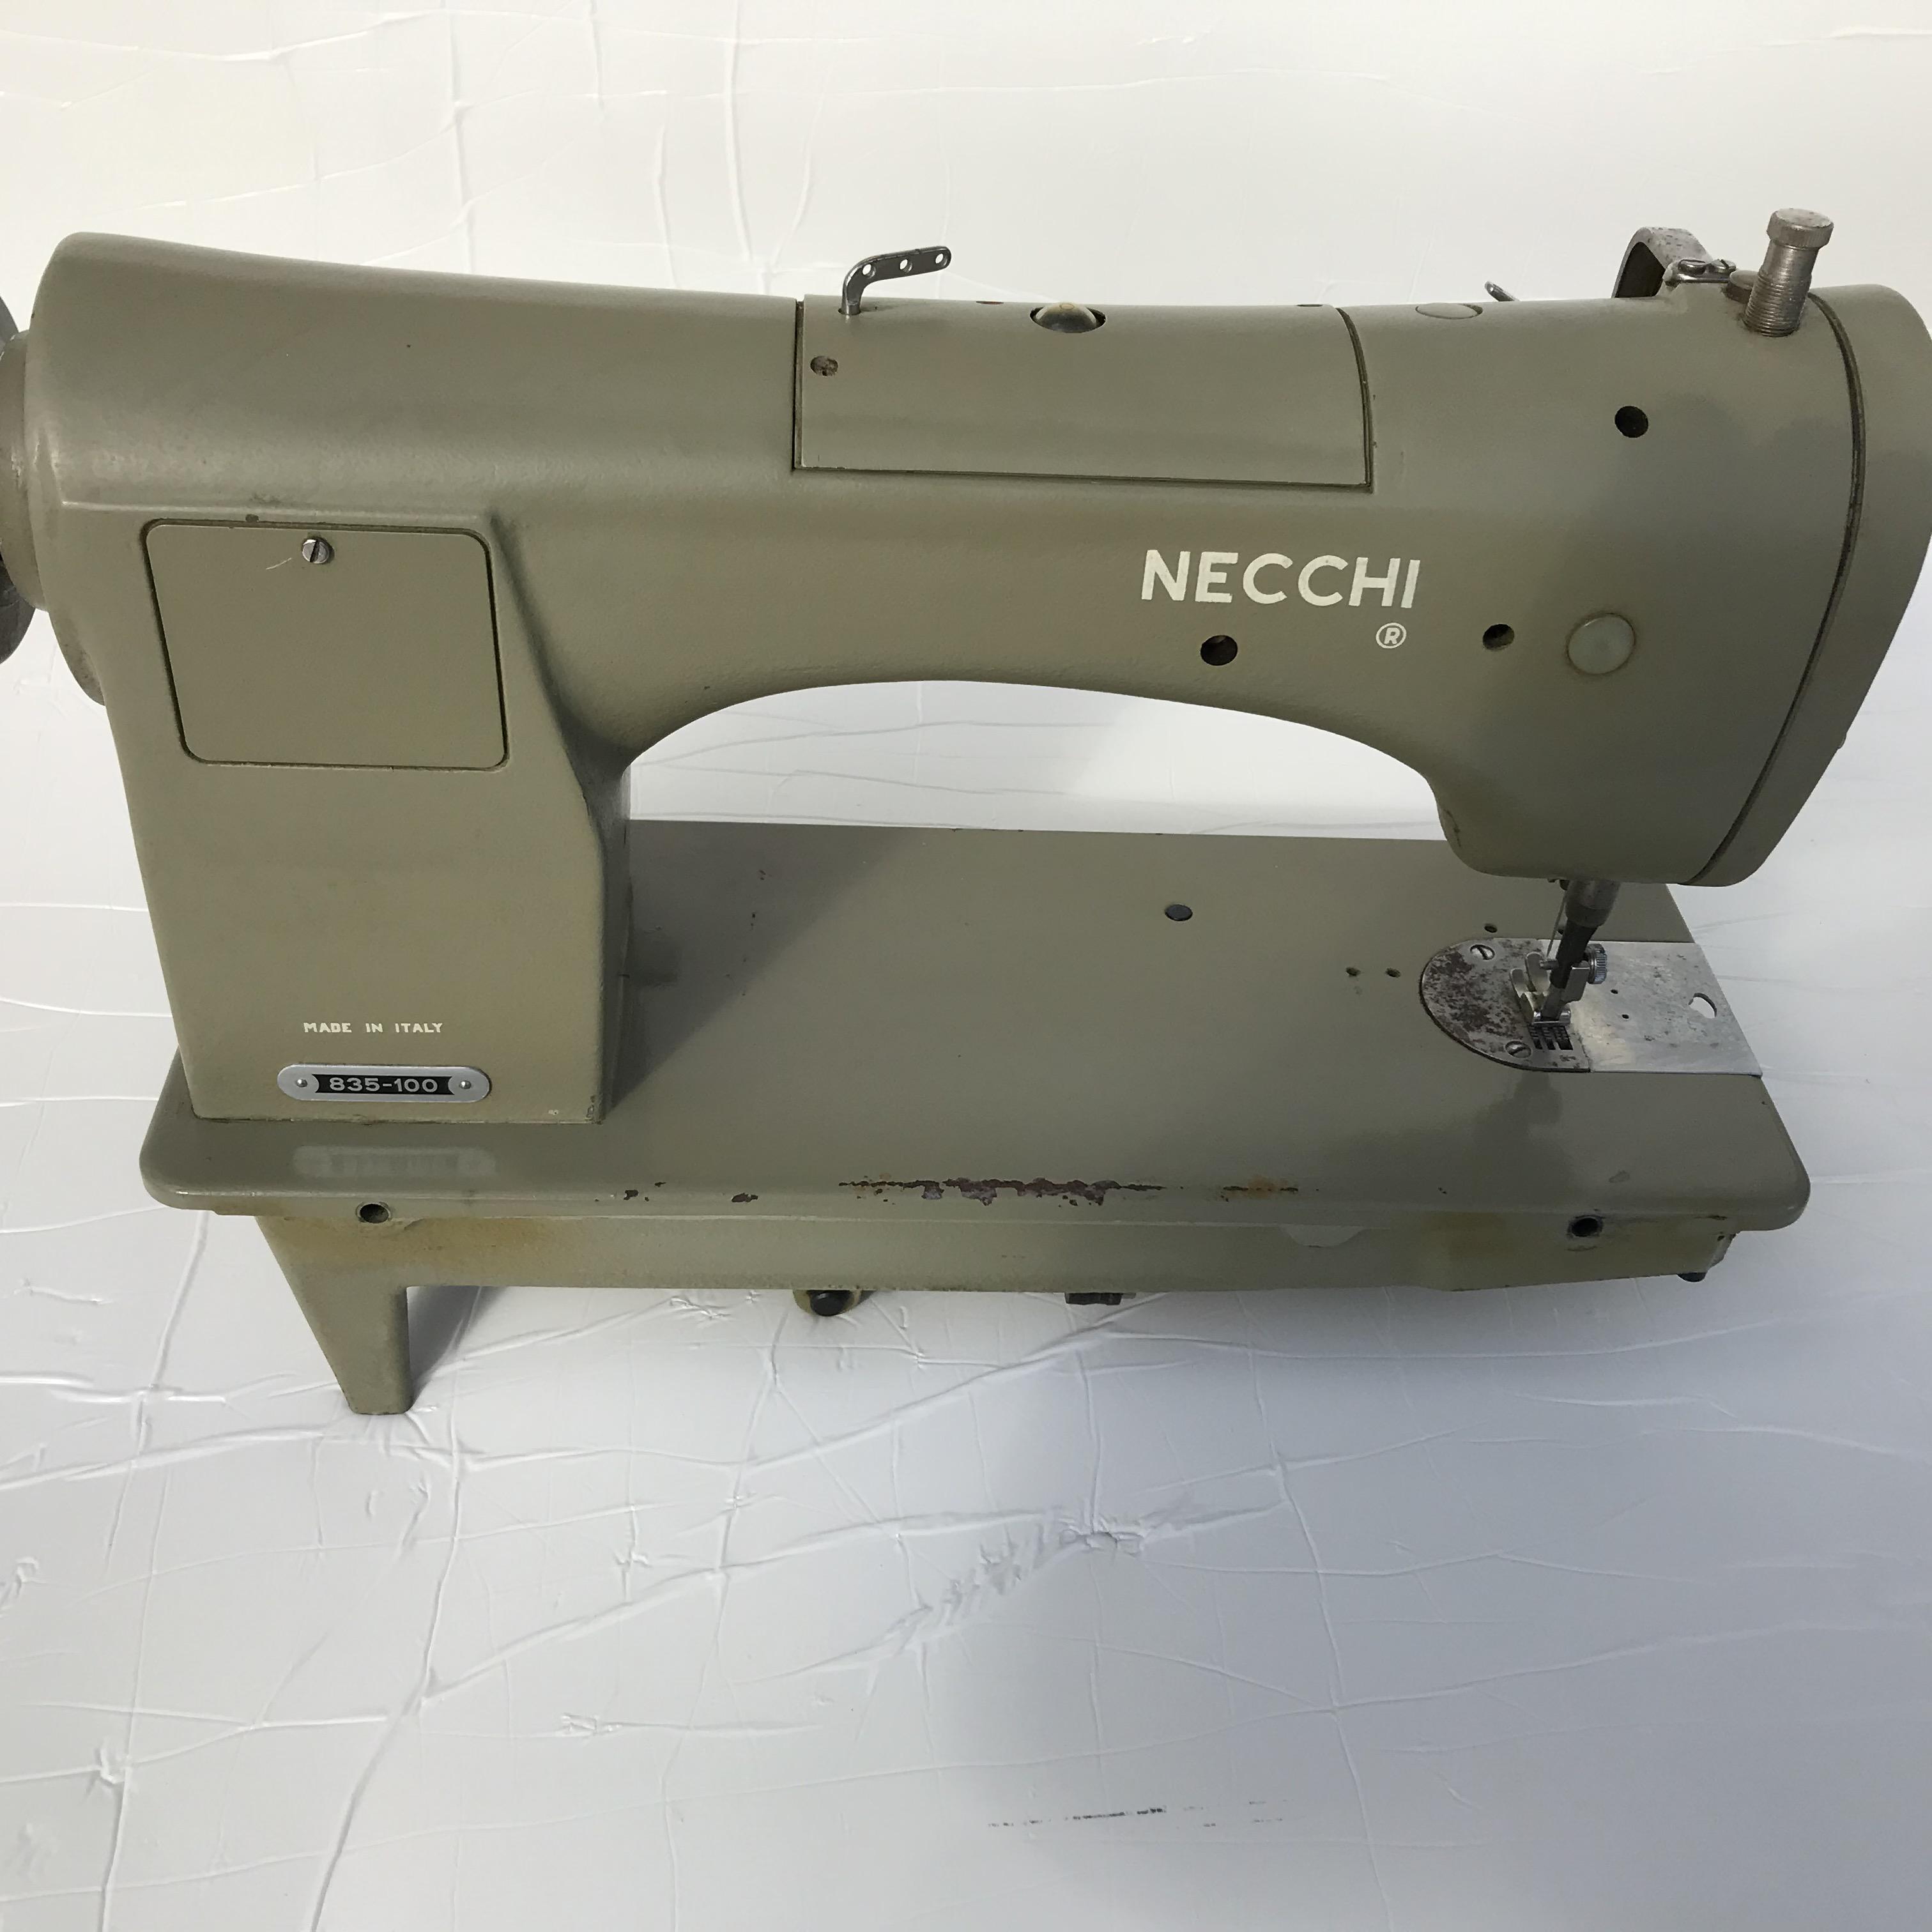 NECCHI 835-100 Macchina da cucire sartoria in vendita - foto 7